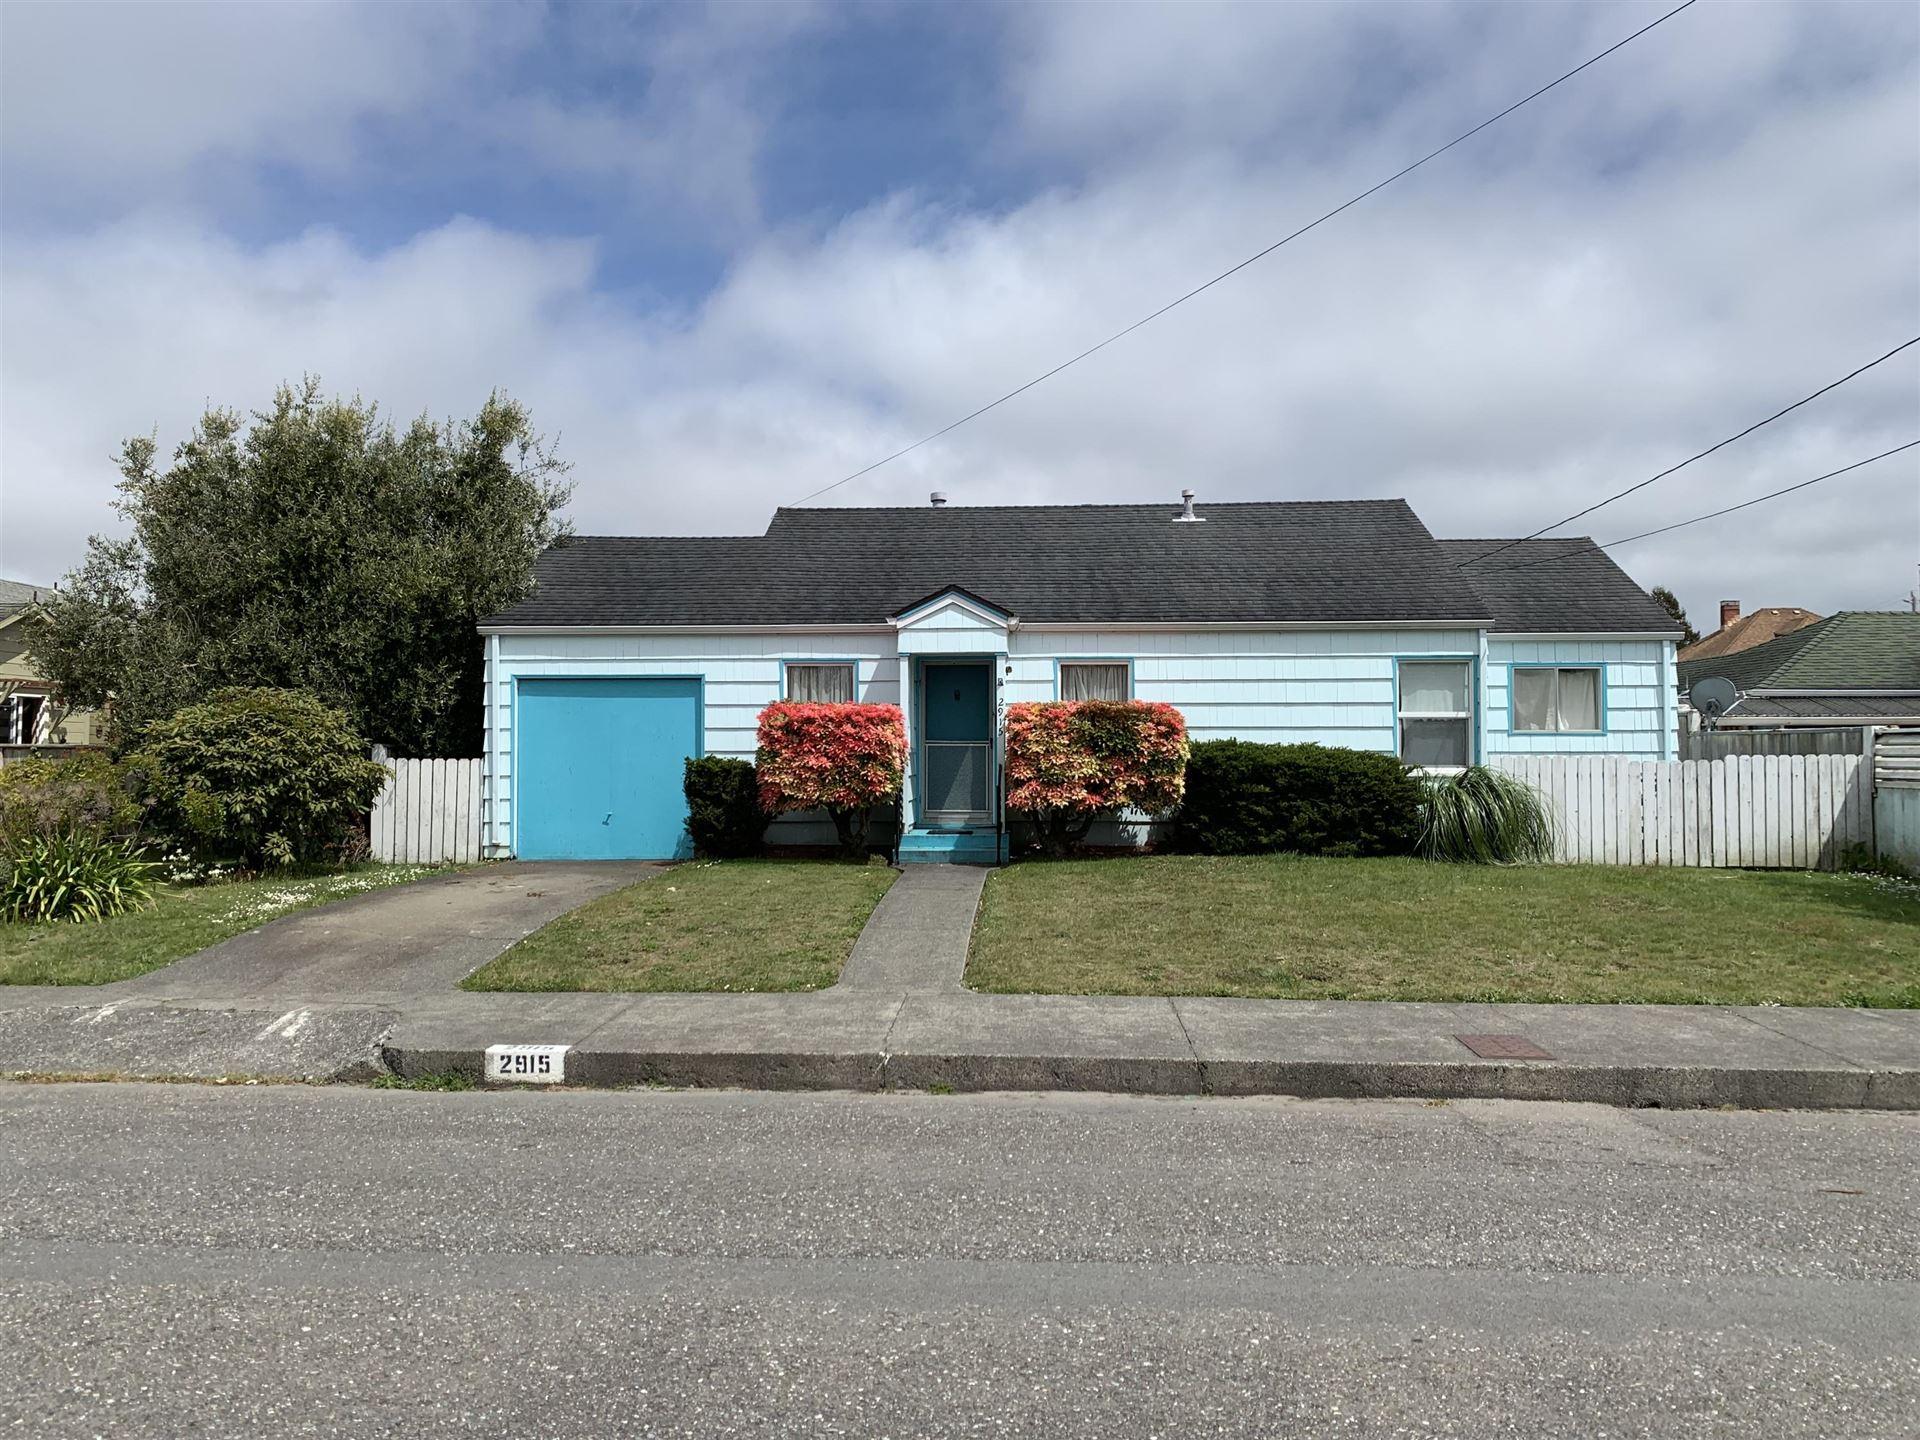 2915 N Street, Eureka, CA 95501 - MLS#: 258990